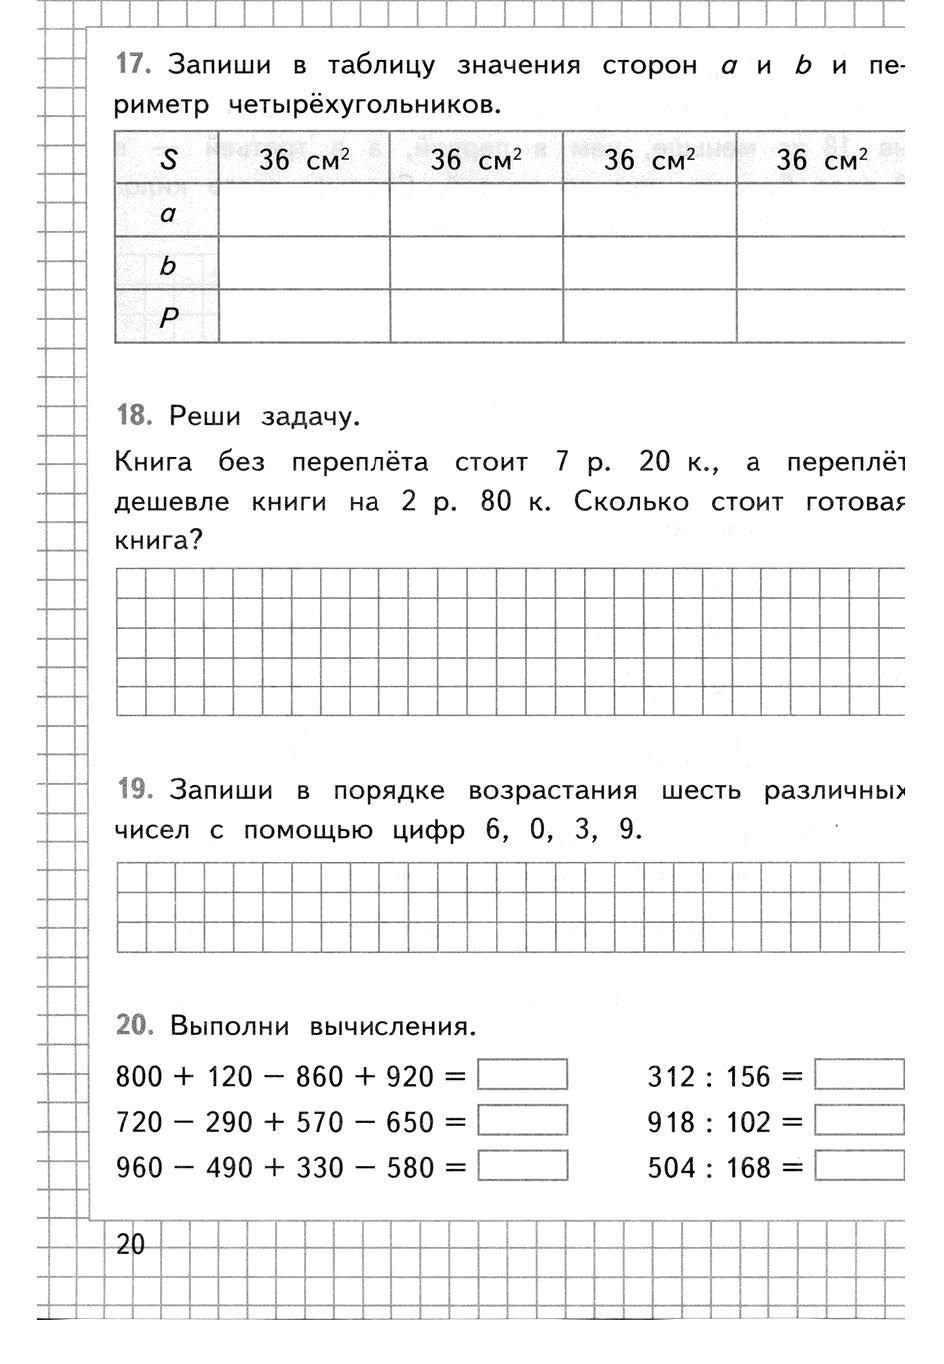 Решебник по информатике 3 класс в играх и задачах читать